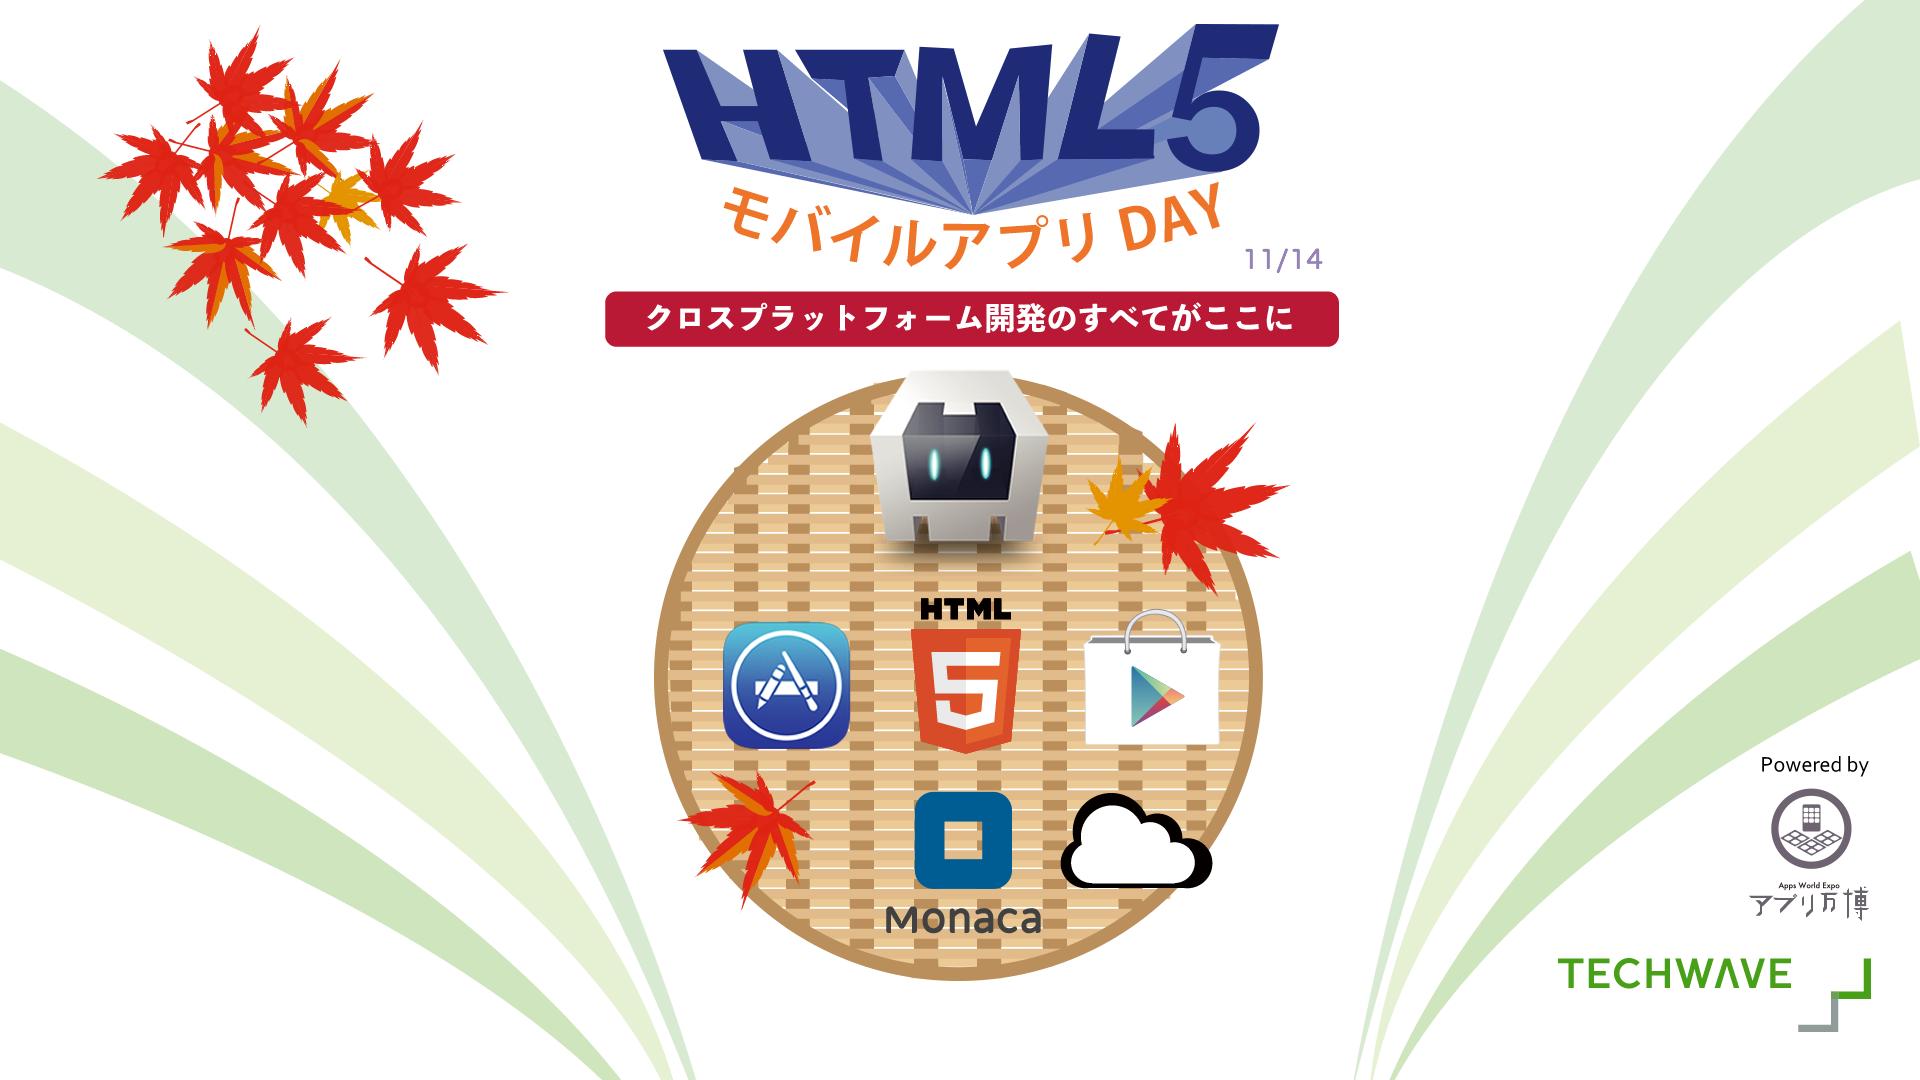 画像2: モバイルアプリ市場の成熟過程の中で、ウェブベースかネイティブか?という議論があった。 一時は「やはり、スマートフォンの性能や特徴を最大限活用できるネイティブ」という意見に軍配があがったかのように見えたが、ここにきてウェブ [...] The post HTML5モバイルアプリDAY – 11月14日に開催 [出展者募集] 【@maskin】 appeared first on TechWave テックウェーブ. techwave.jp